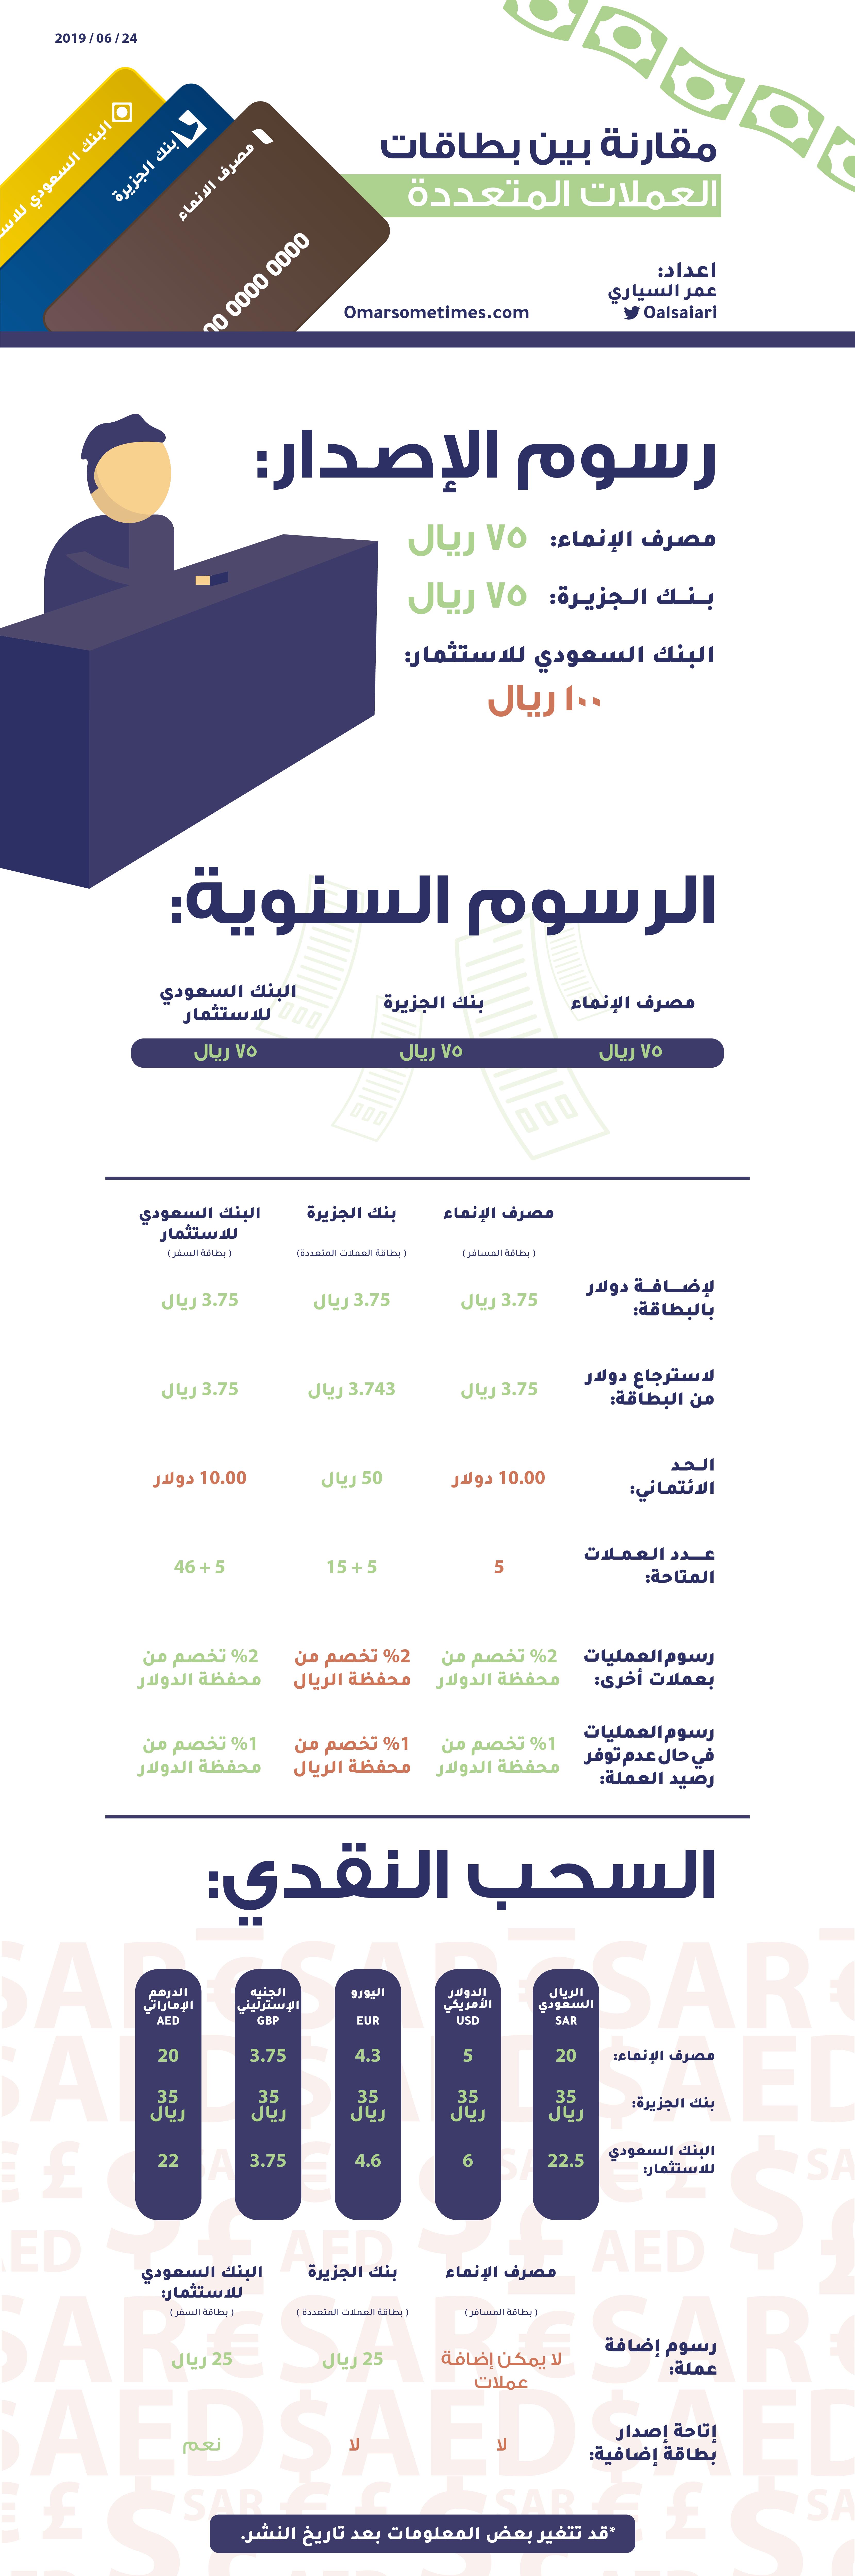 مقارنة بين بطاقات العملات المتعددة ع م ر أحيان ا